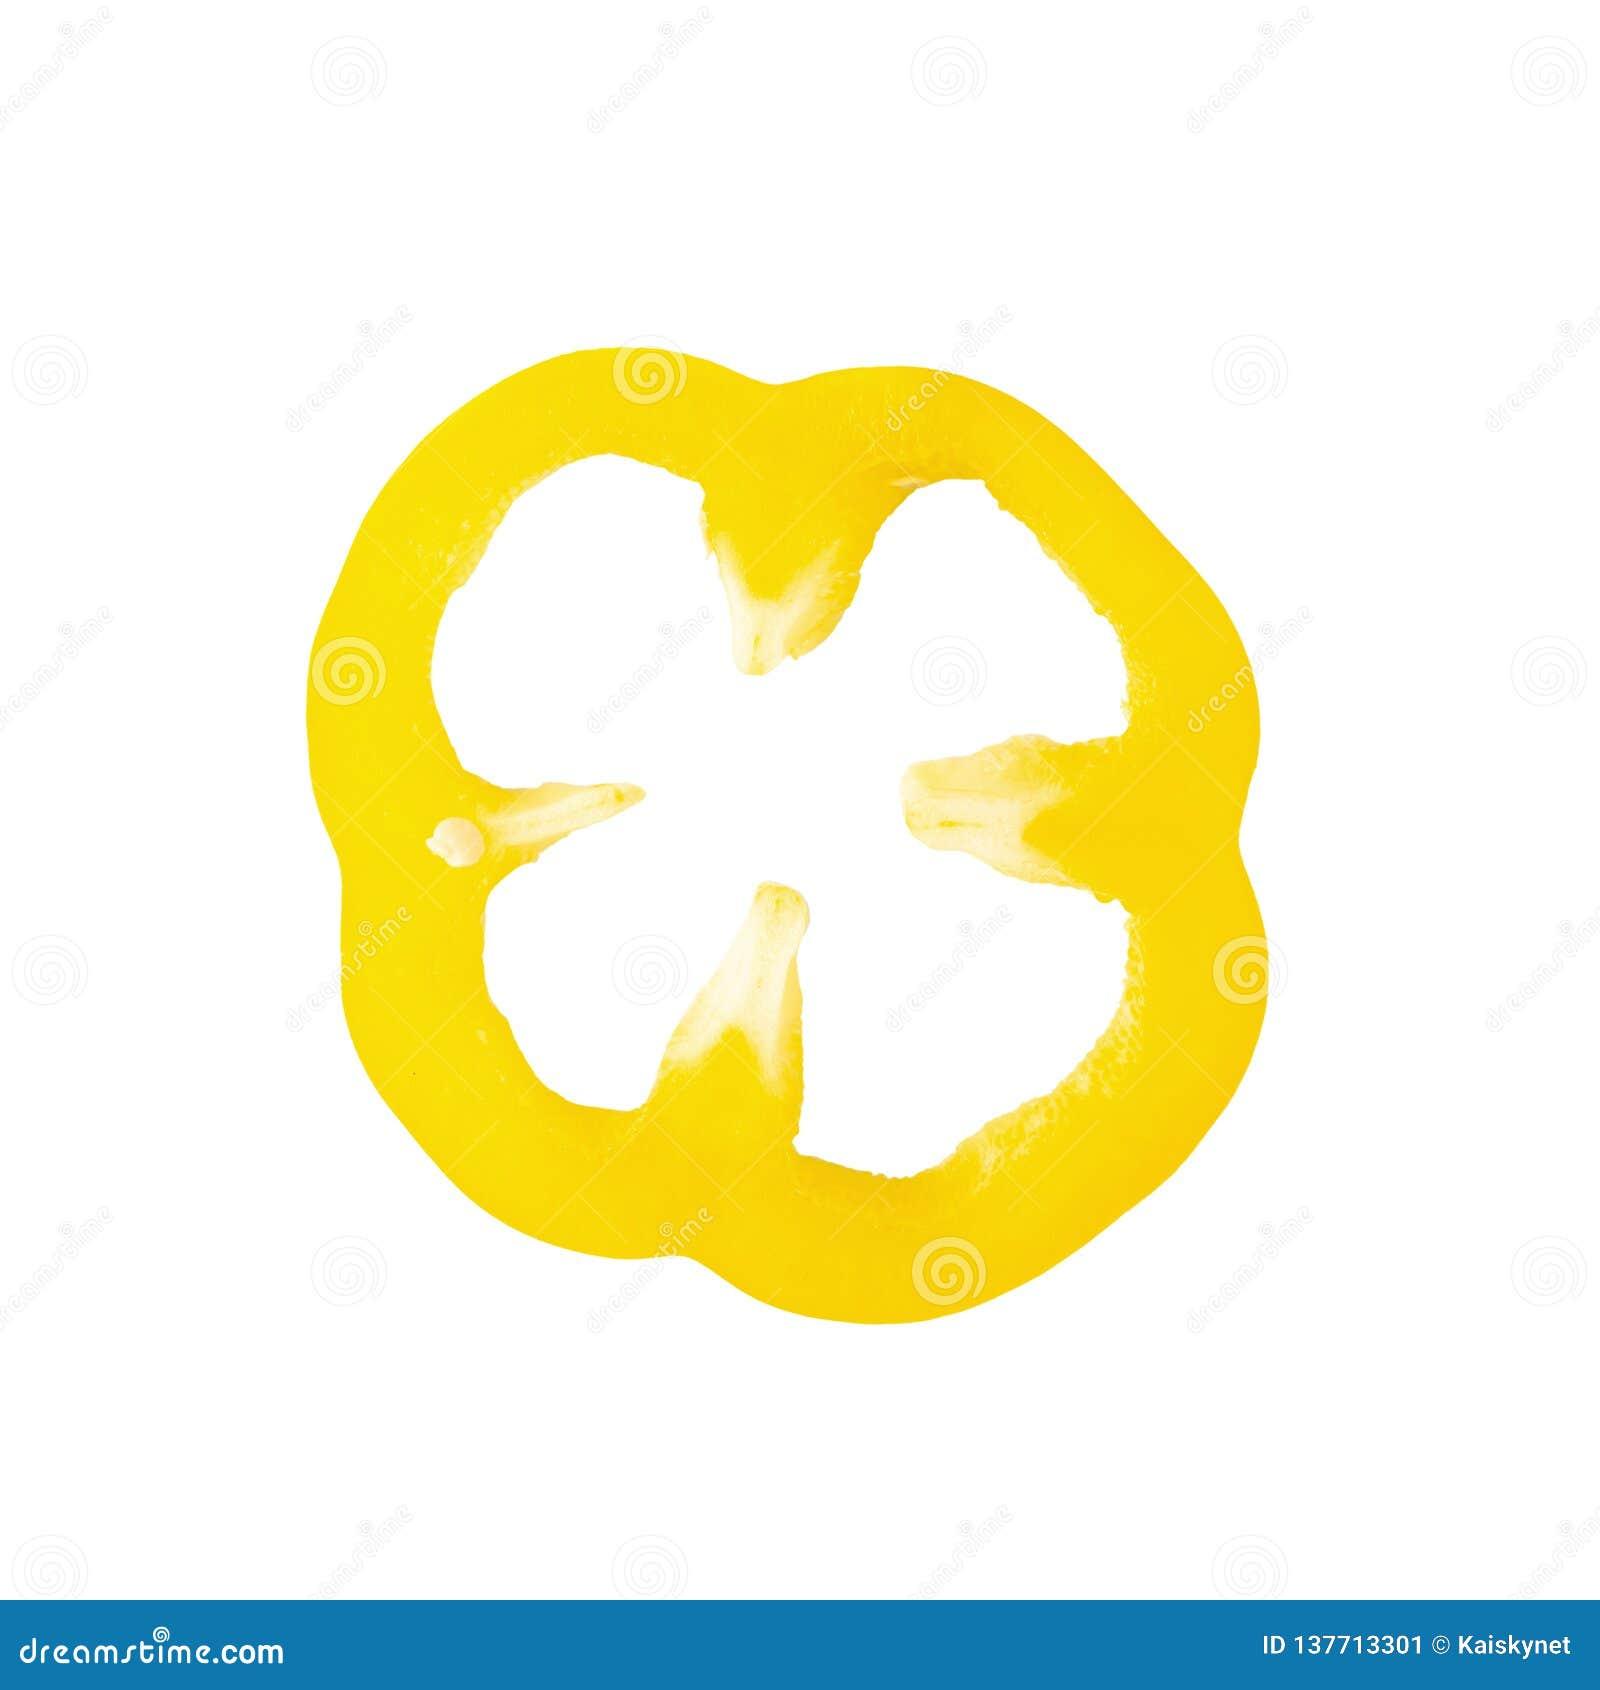 Słodki koloru żółtego pieprz odizolowywający nad białym tłem